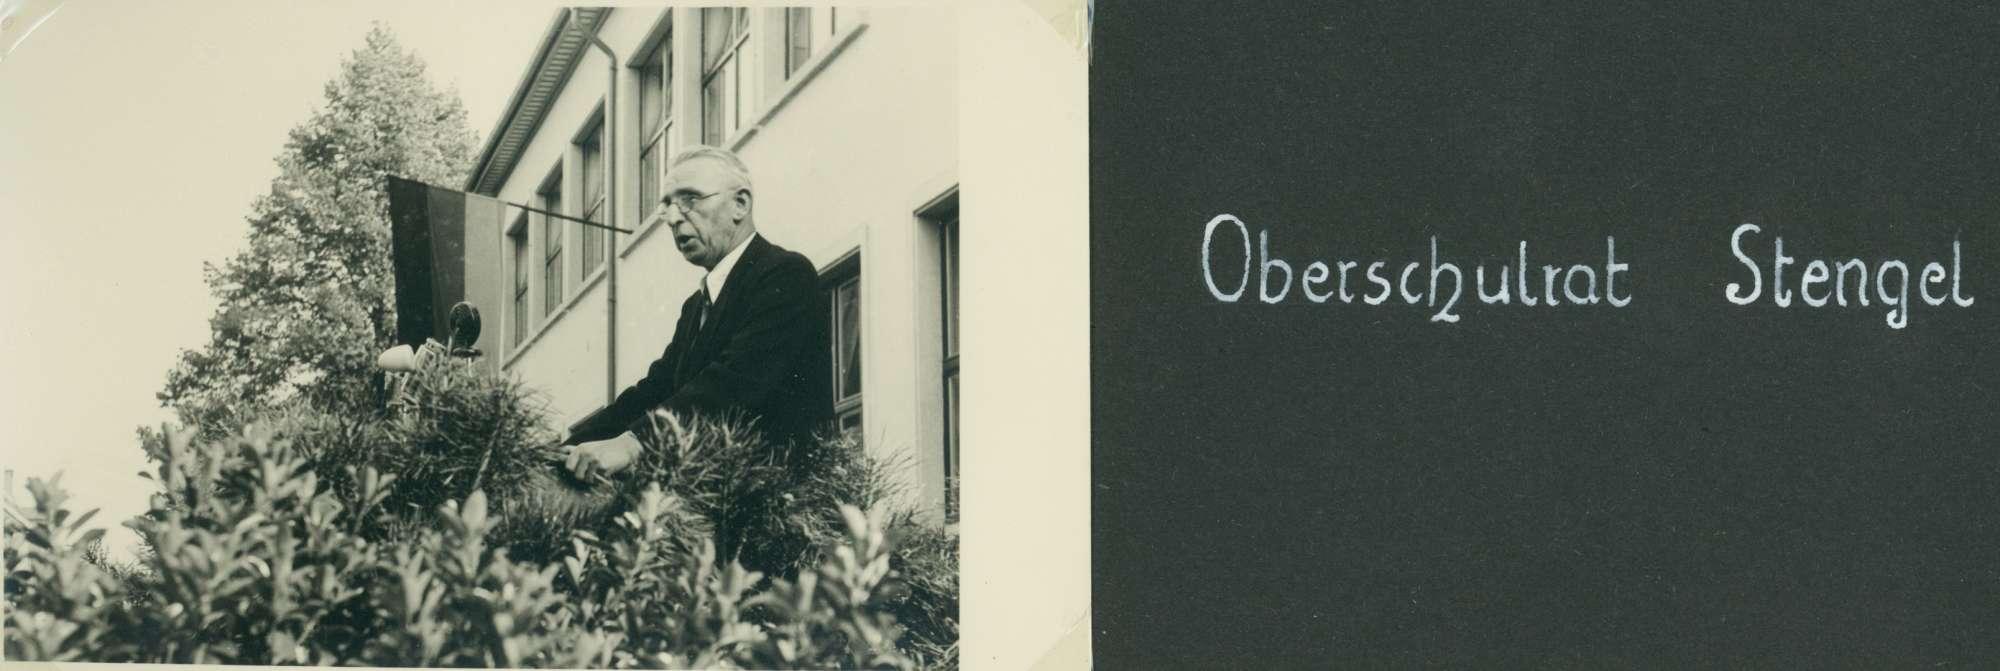 [Schulhausneubau in Brühl: Ansprache von] Oberschulrat Stengel, Bild 1